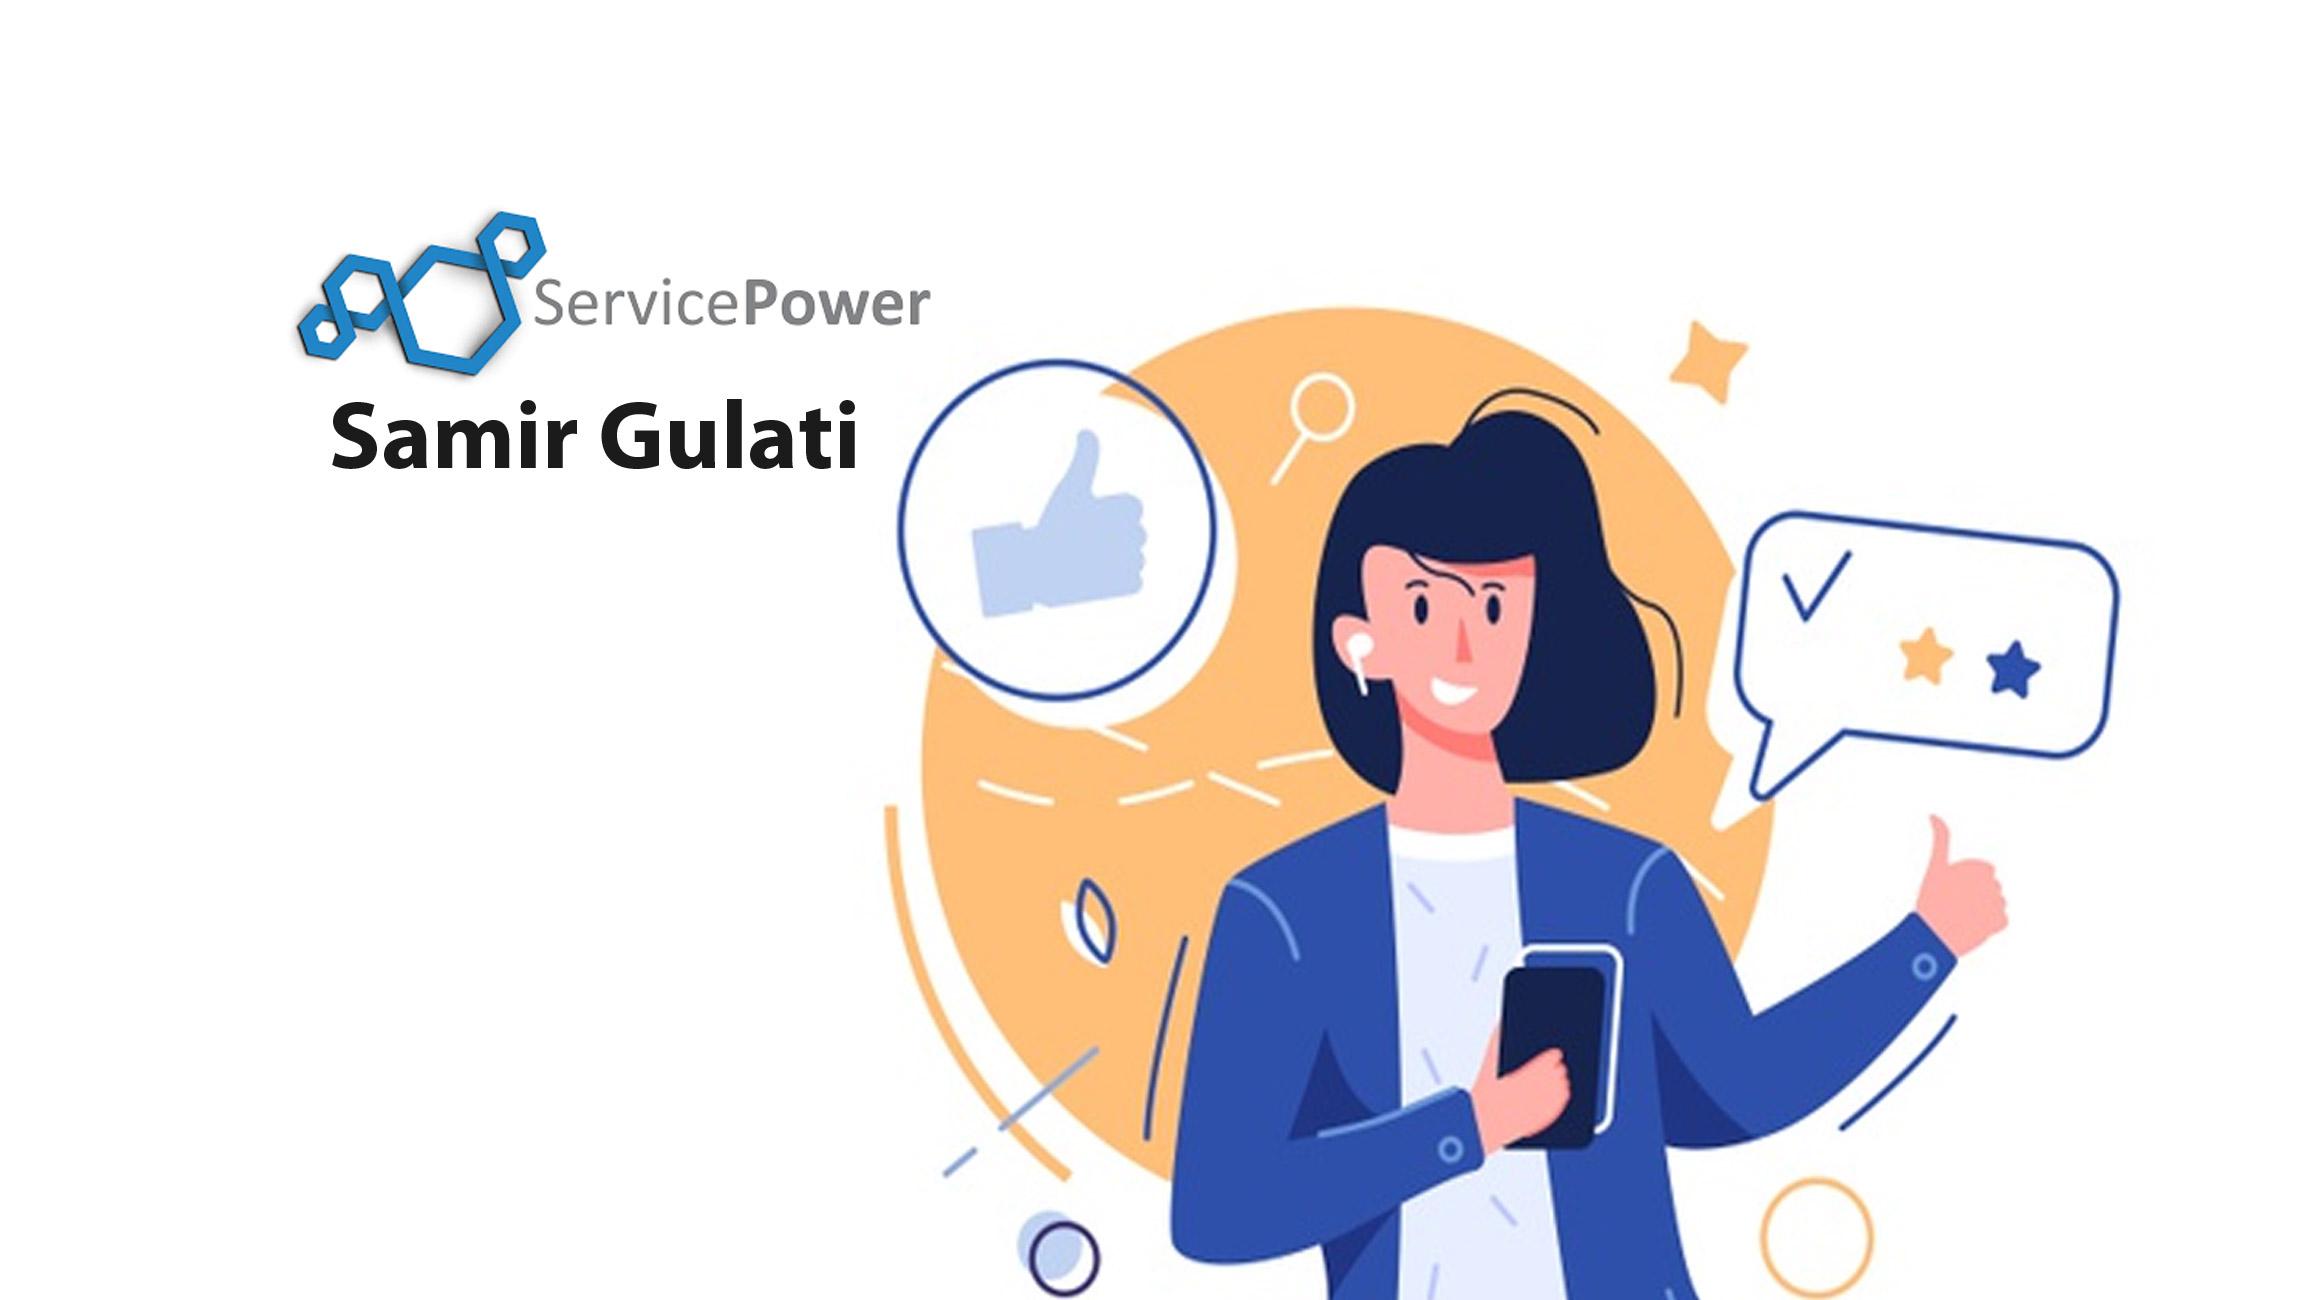 Samir-Gulati_SalesTechStar-Samir_Gulati-guest-ServicePower-12July